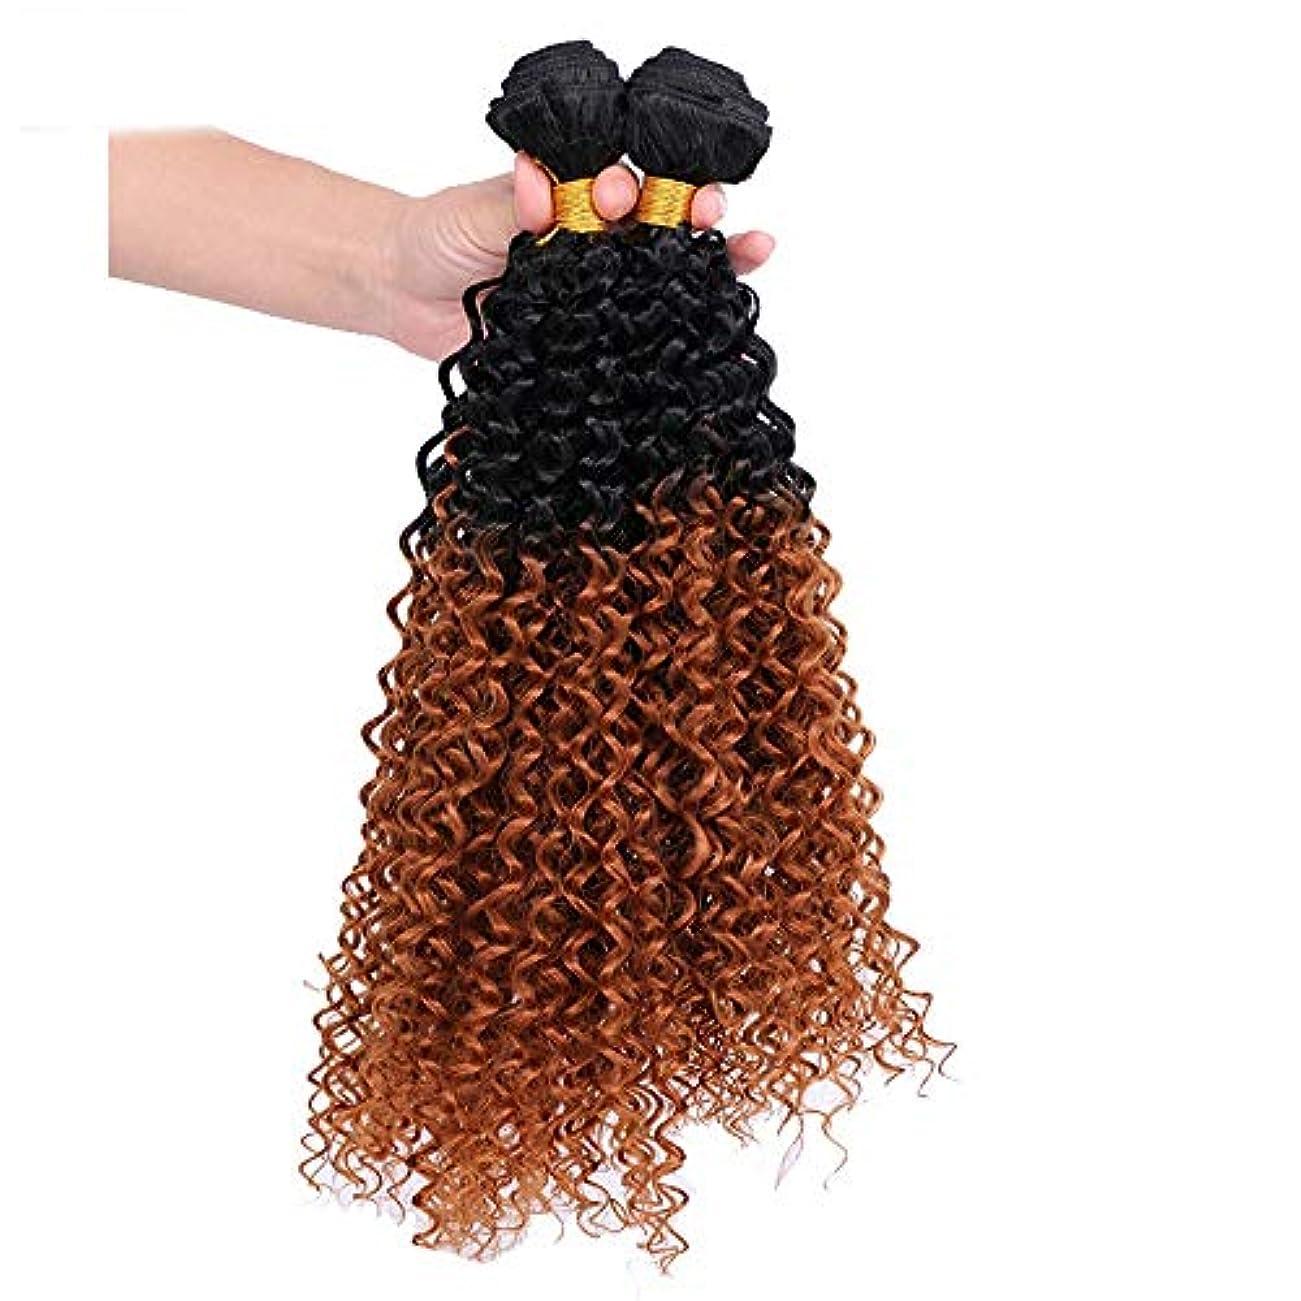 サーフィン閃光打撃YESONEEP 茶色のグラデーション巻き毛の女性のためのコスプレパーティードレス(3バンドル)合成髪レースかつらロールプレイングかつらロングとショートの女性自然 (色 : ブラウン, サイズ : 22inch)